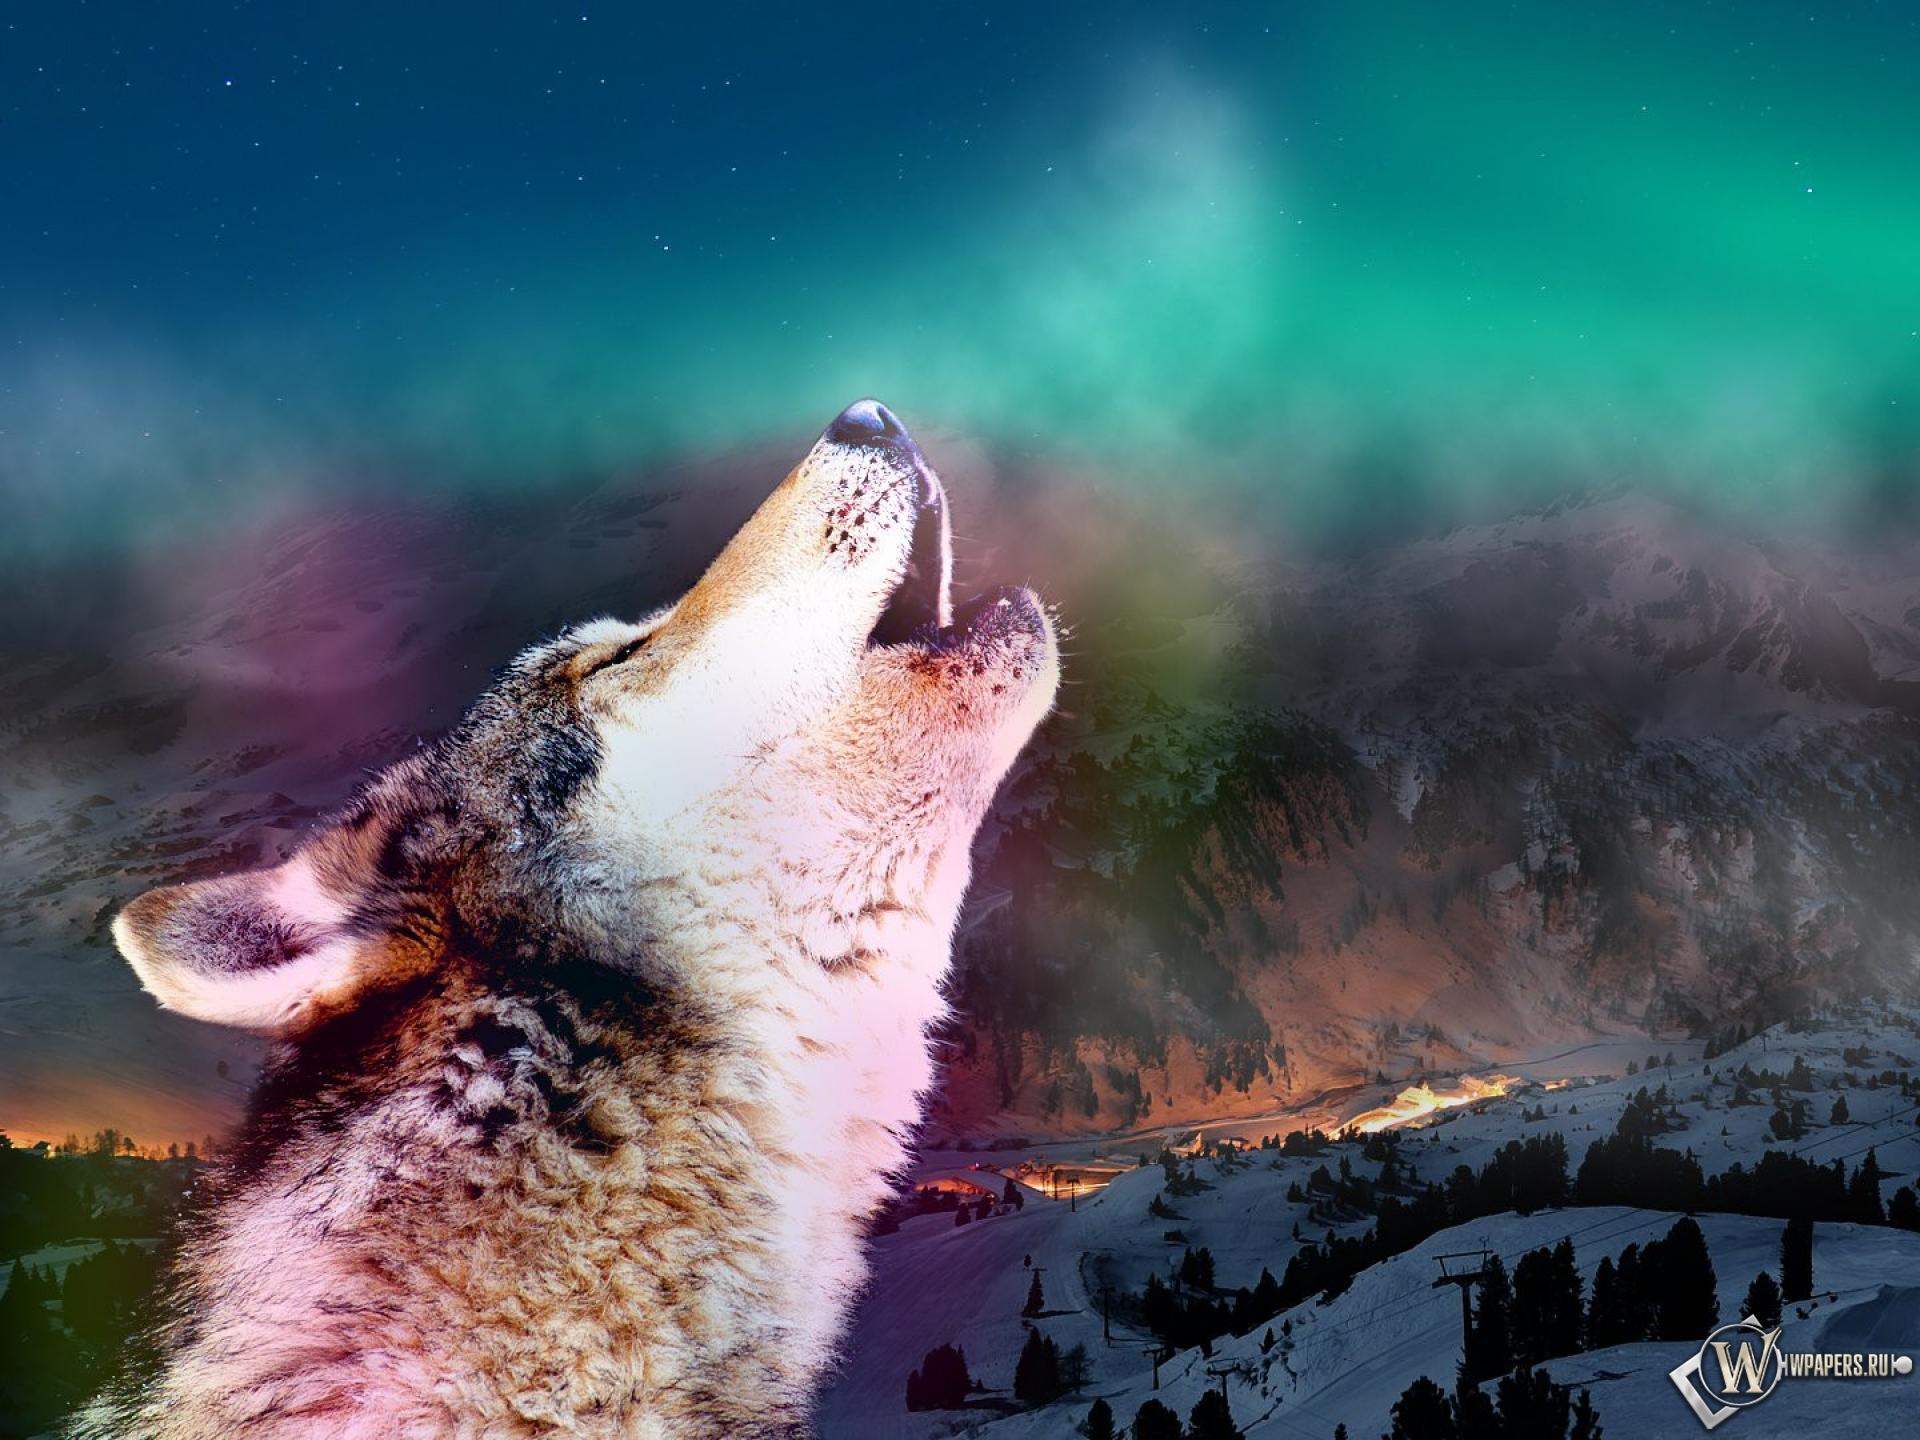 Волк волк обоев 51 дыхание обоев 2 зов